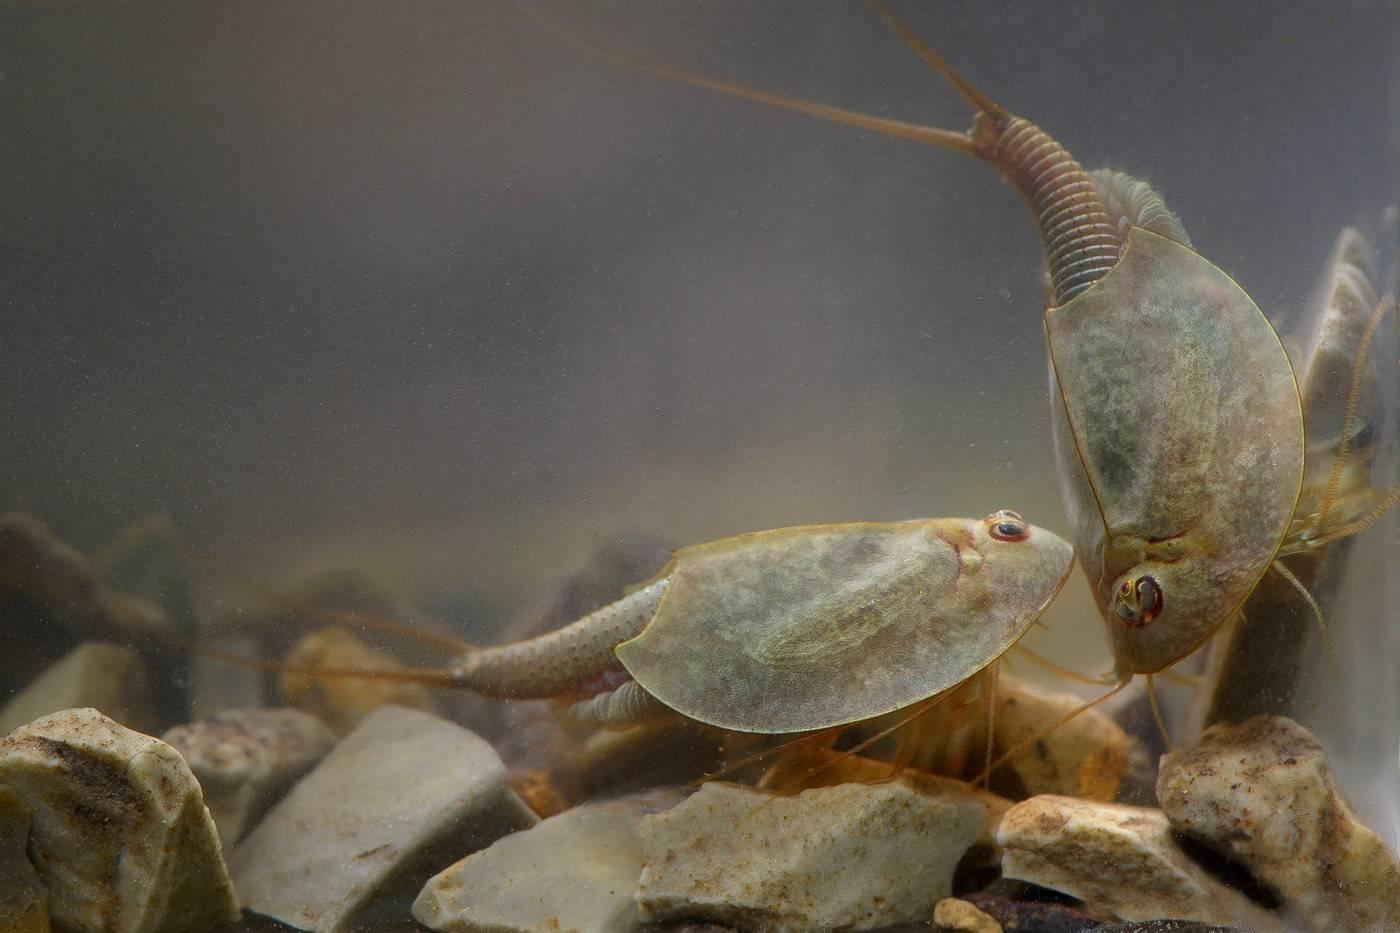 Щитень аквариумный - рекомендации по содержанию и размножению